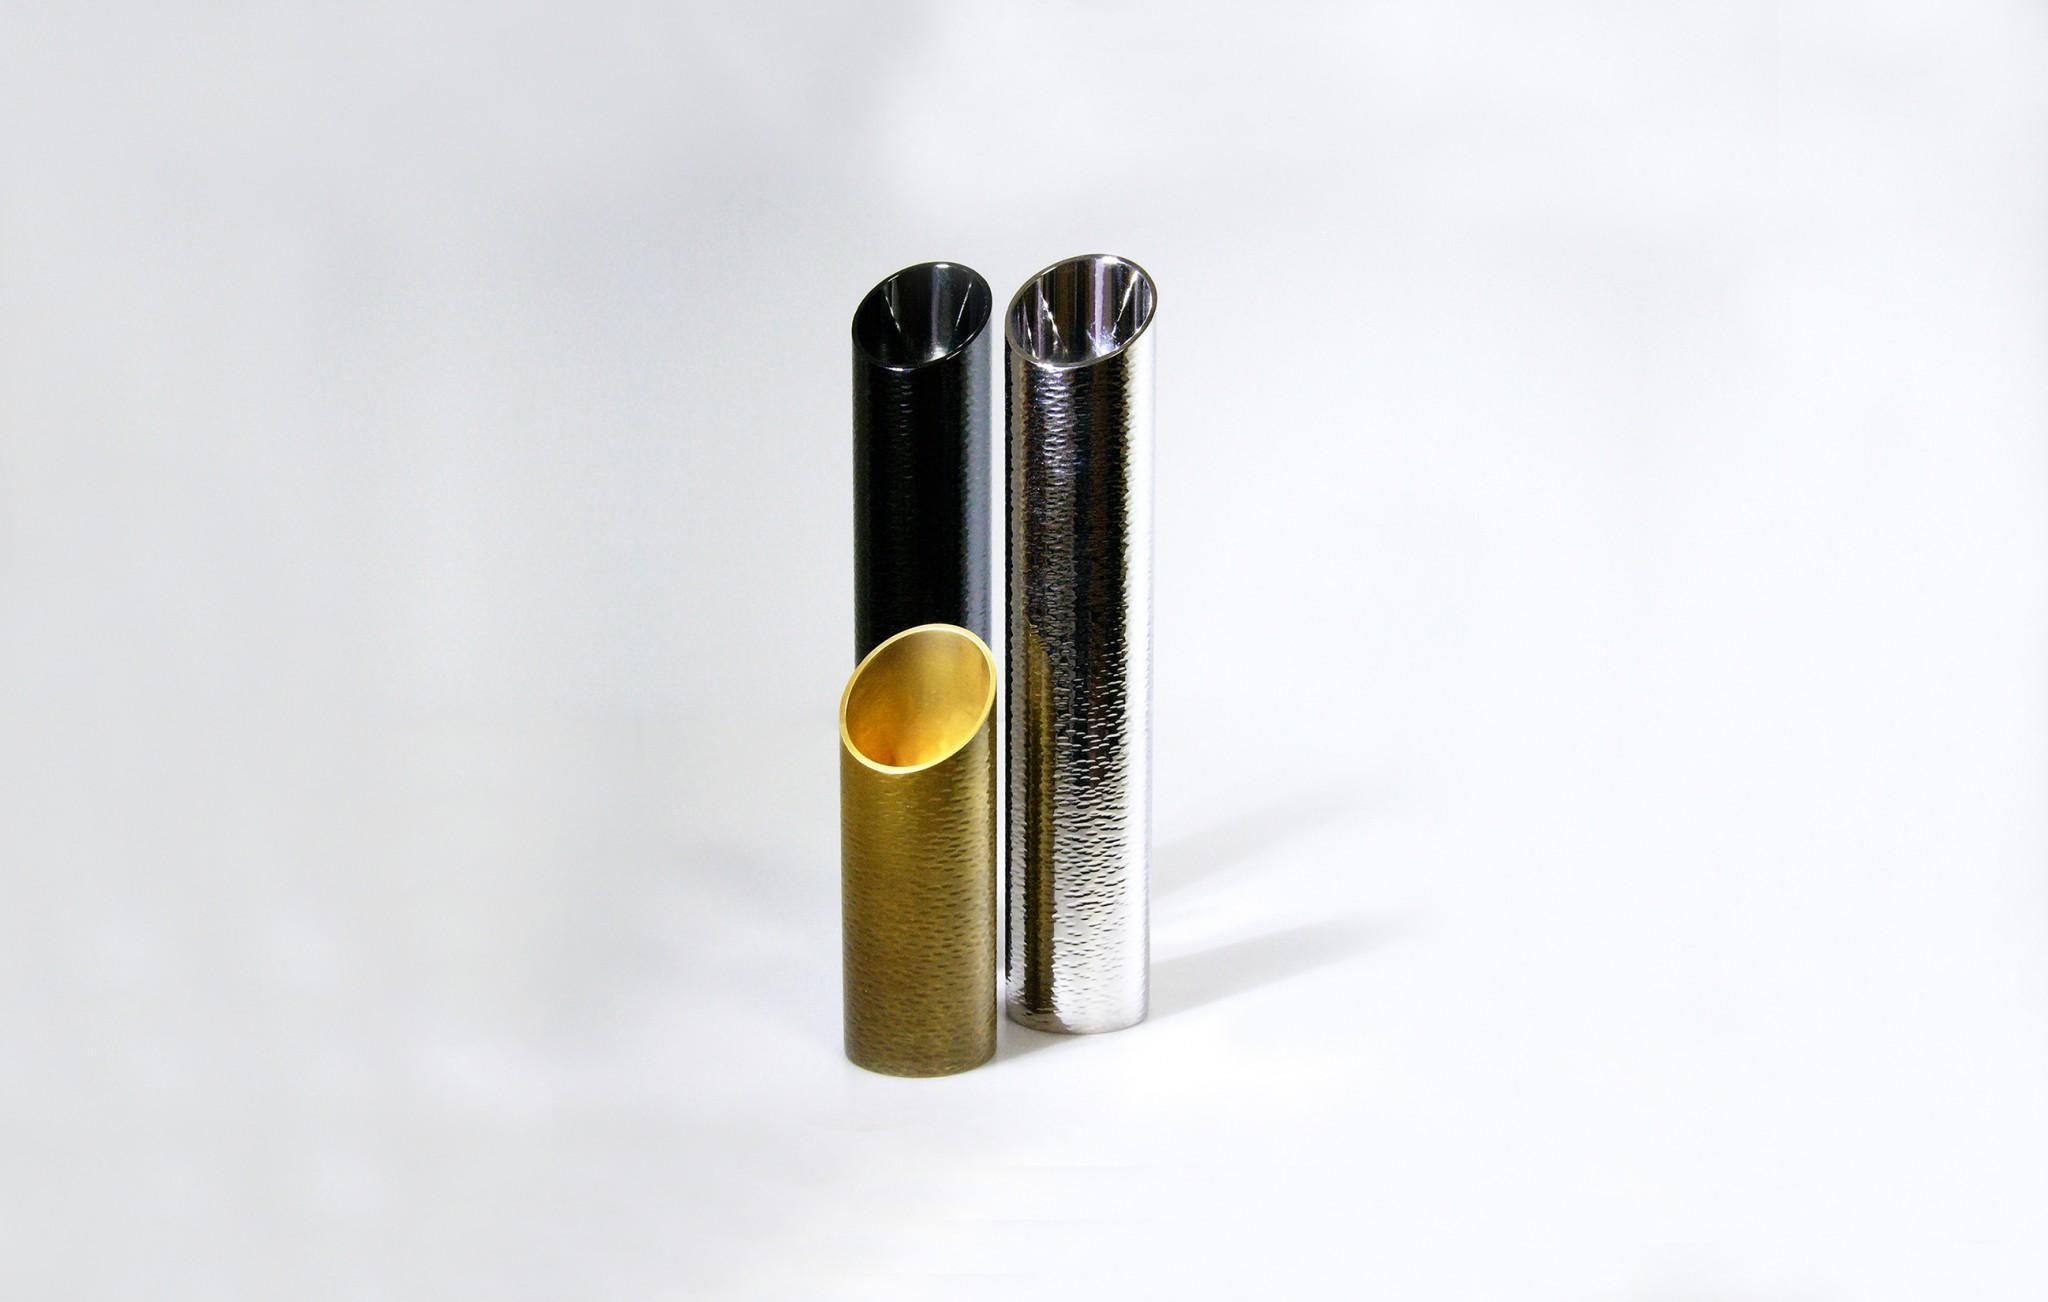 真鍮製 / 黒Niめっき、Rhめっき、古び金めっき